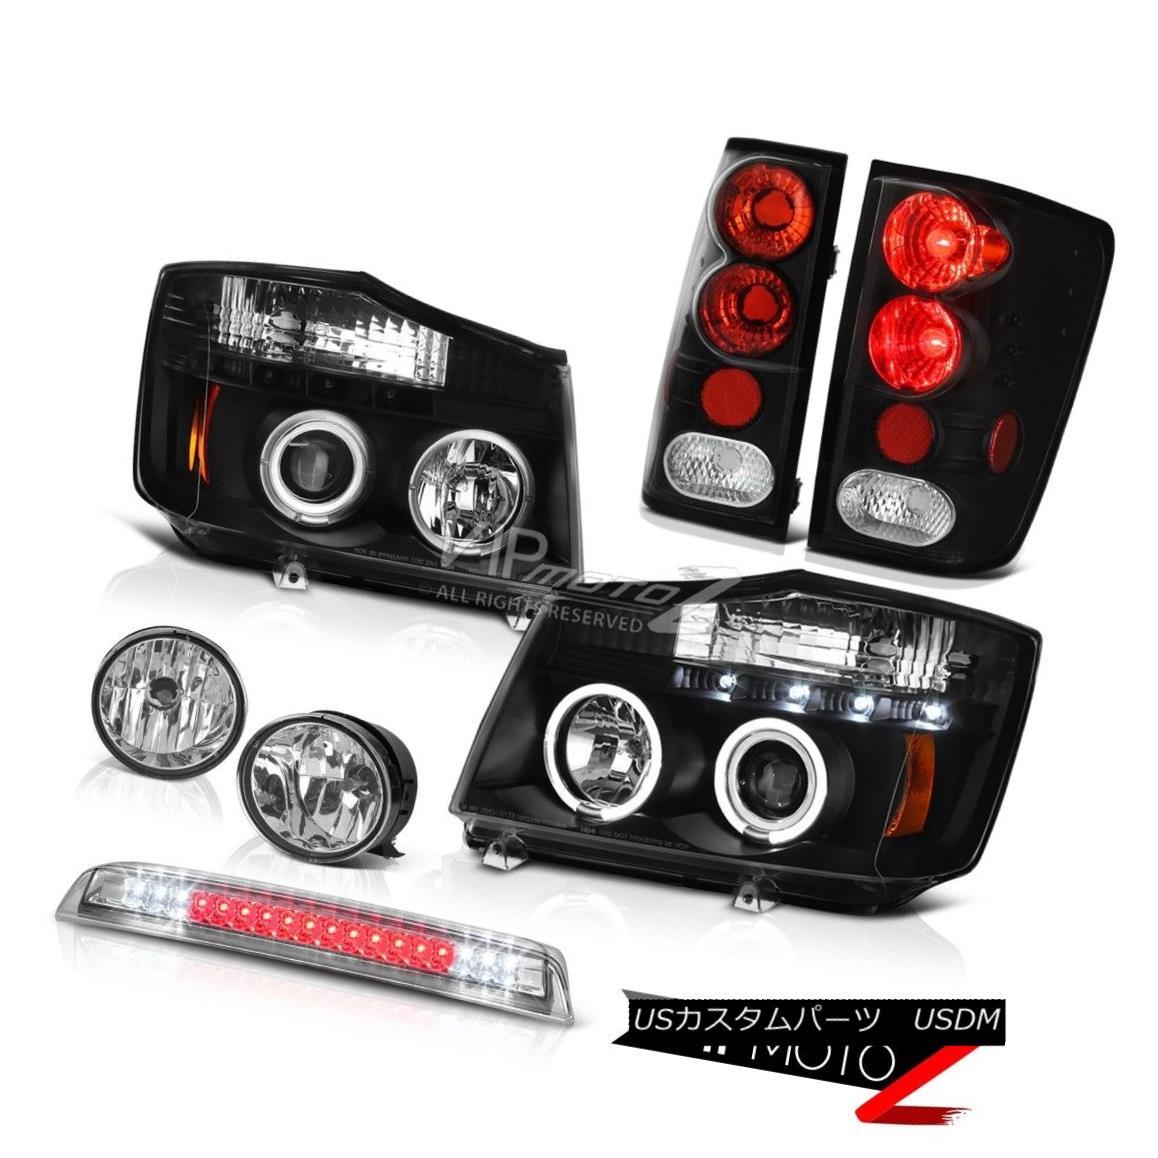 ヘッドライト Projector Headlights Tail Light Fog 3rd Brake Cargo LED For 2004-2015 Titan SL プロジェクターヘッドライトテールライトフォグ2004年?2015年の第3ブレーキカーゴLEDタイタンSL